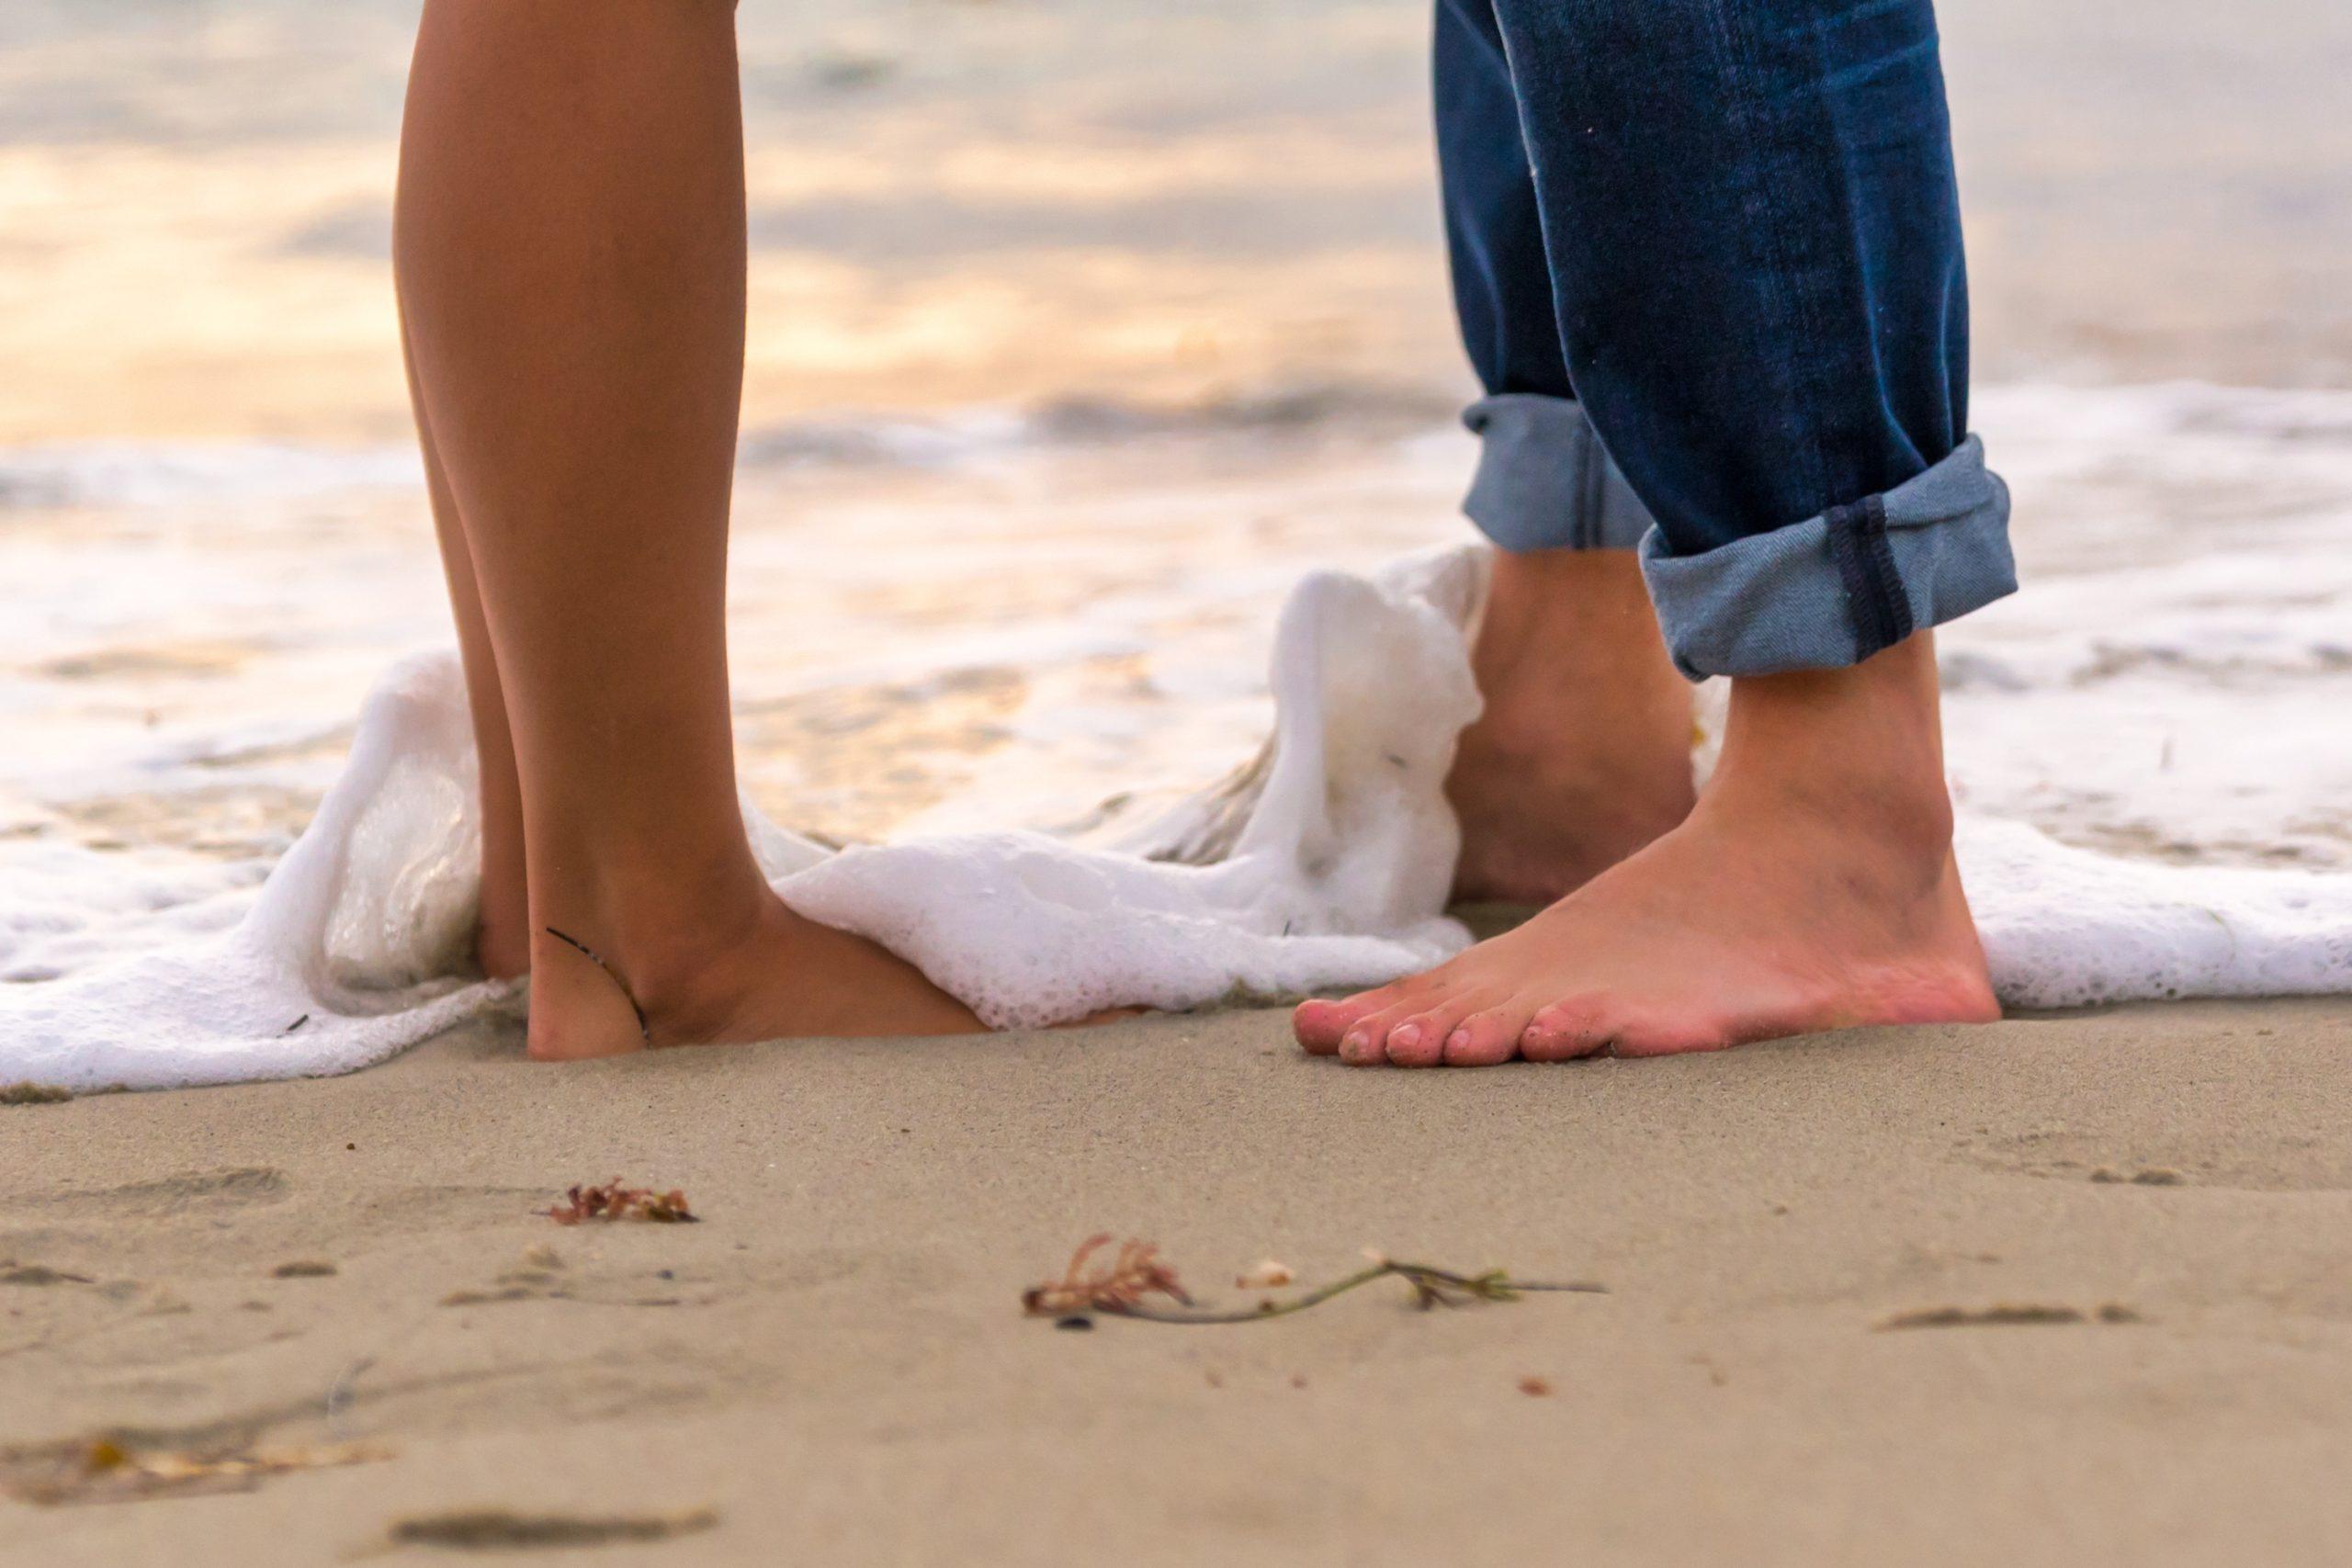 Parisuhde jälkeen kesäloman – kolme näkökulmaa rakkauden arkeen